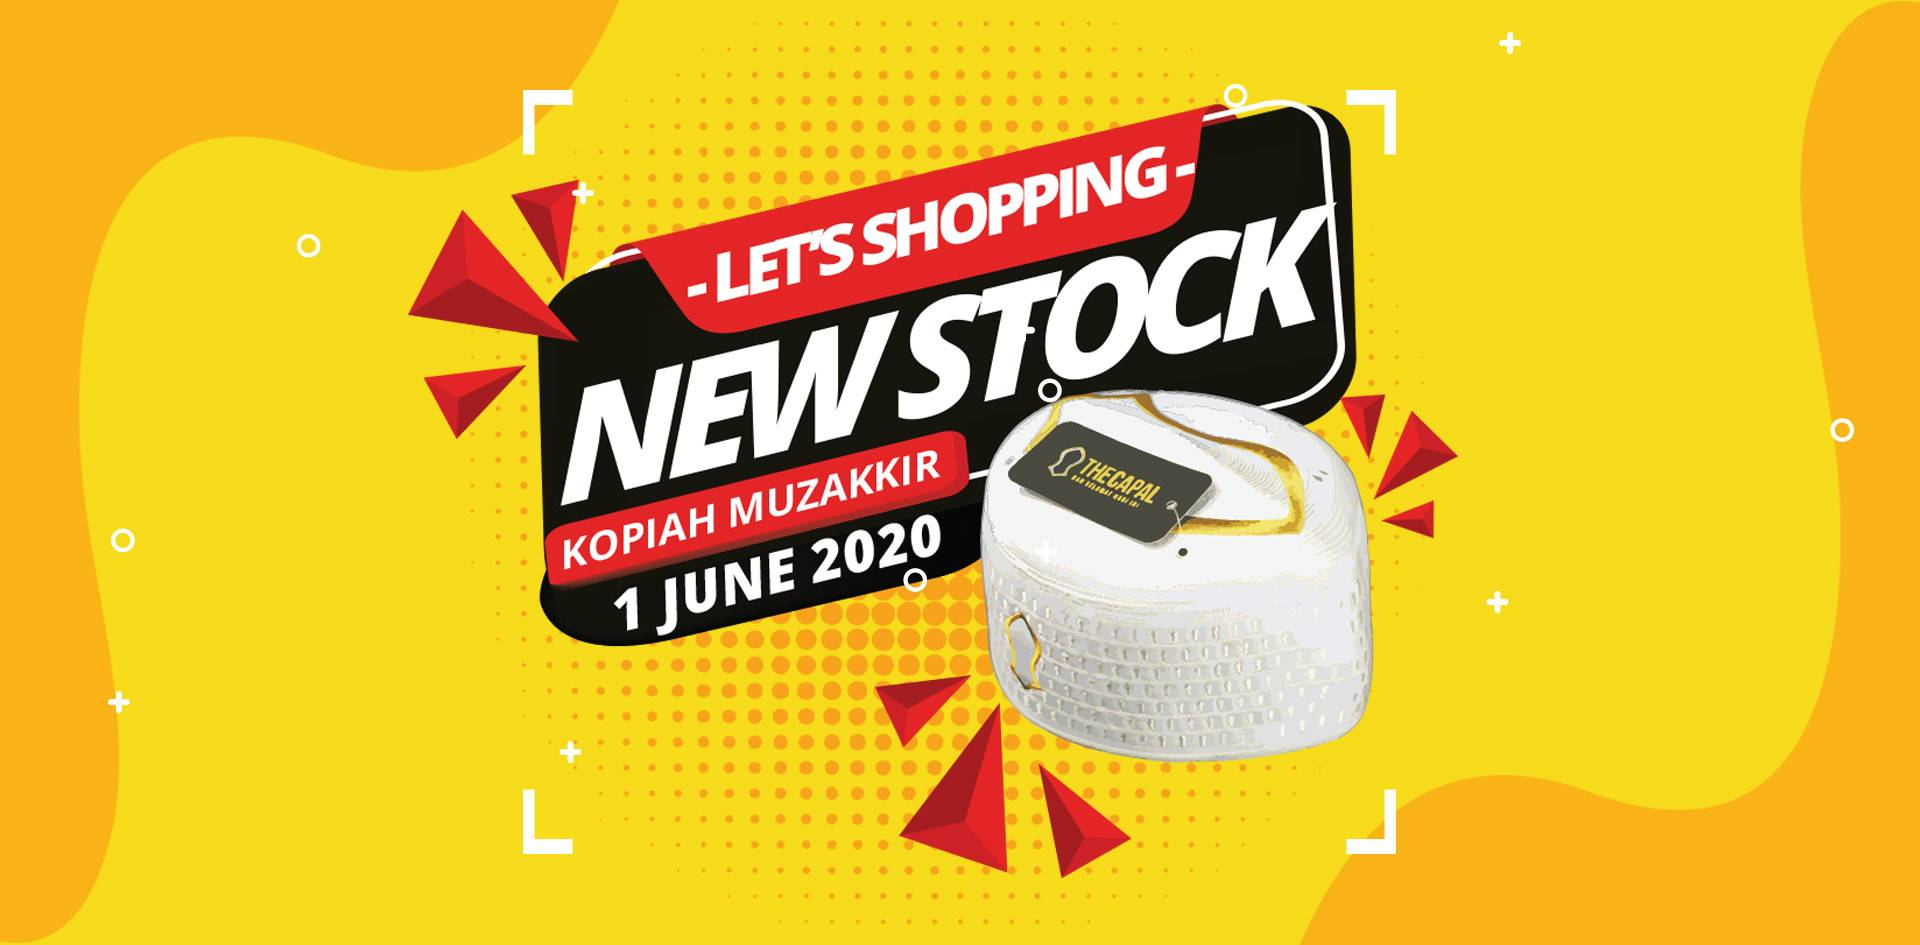 Kopiah New Stock